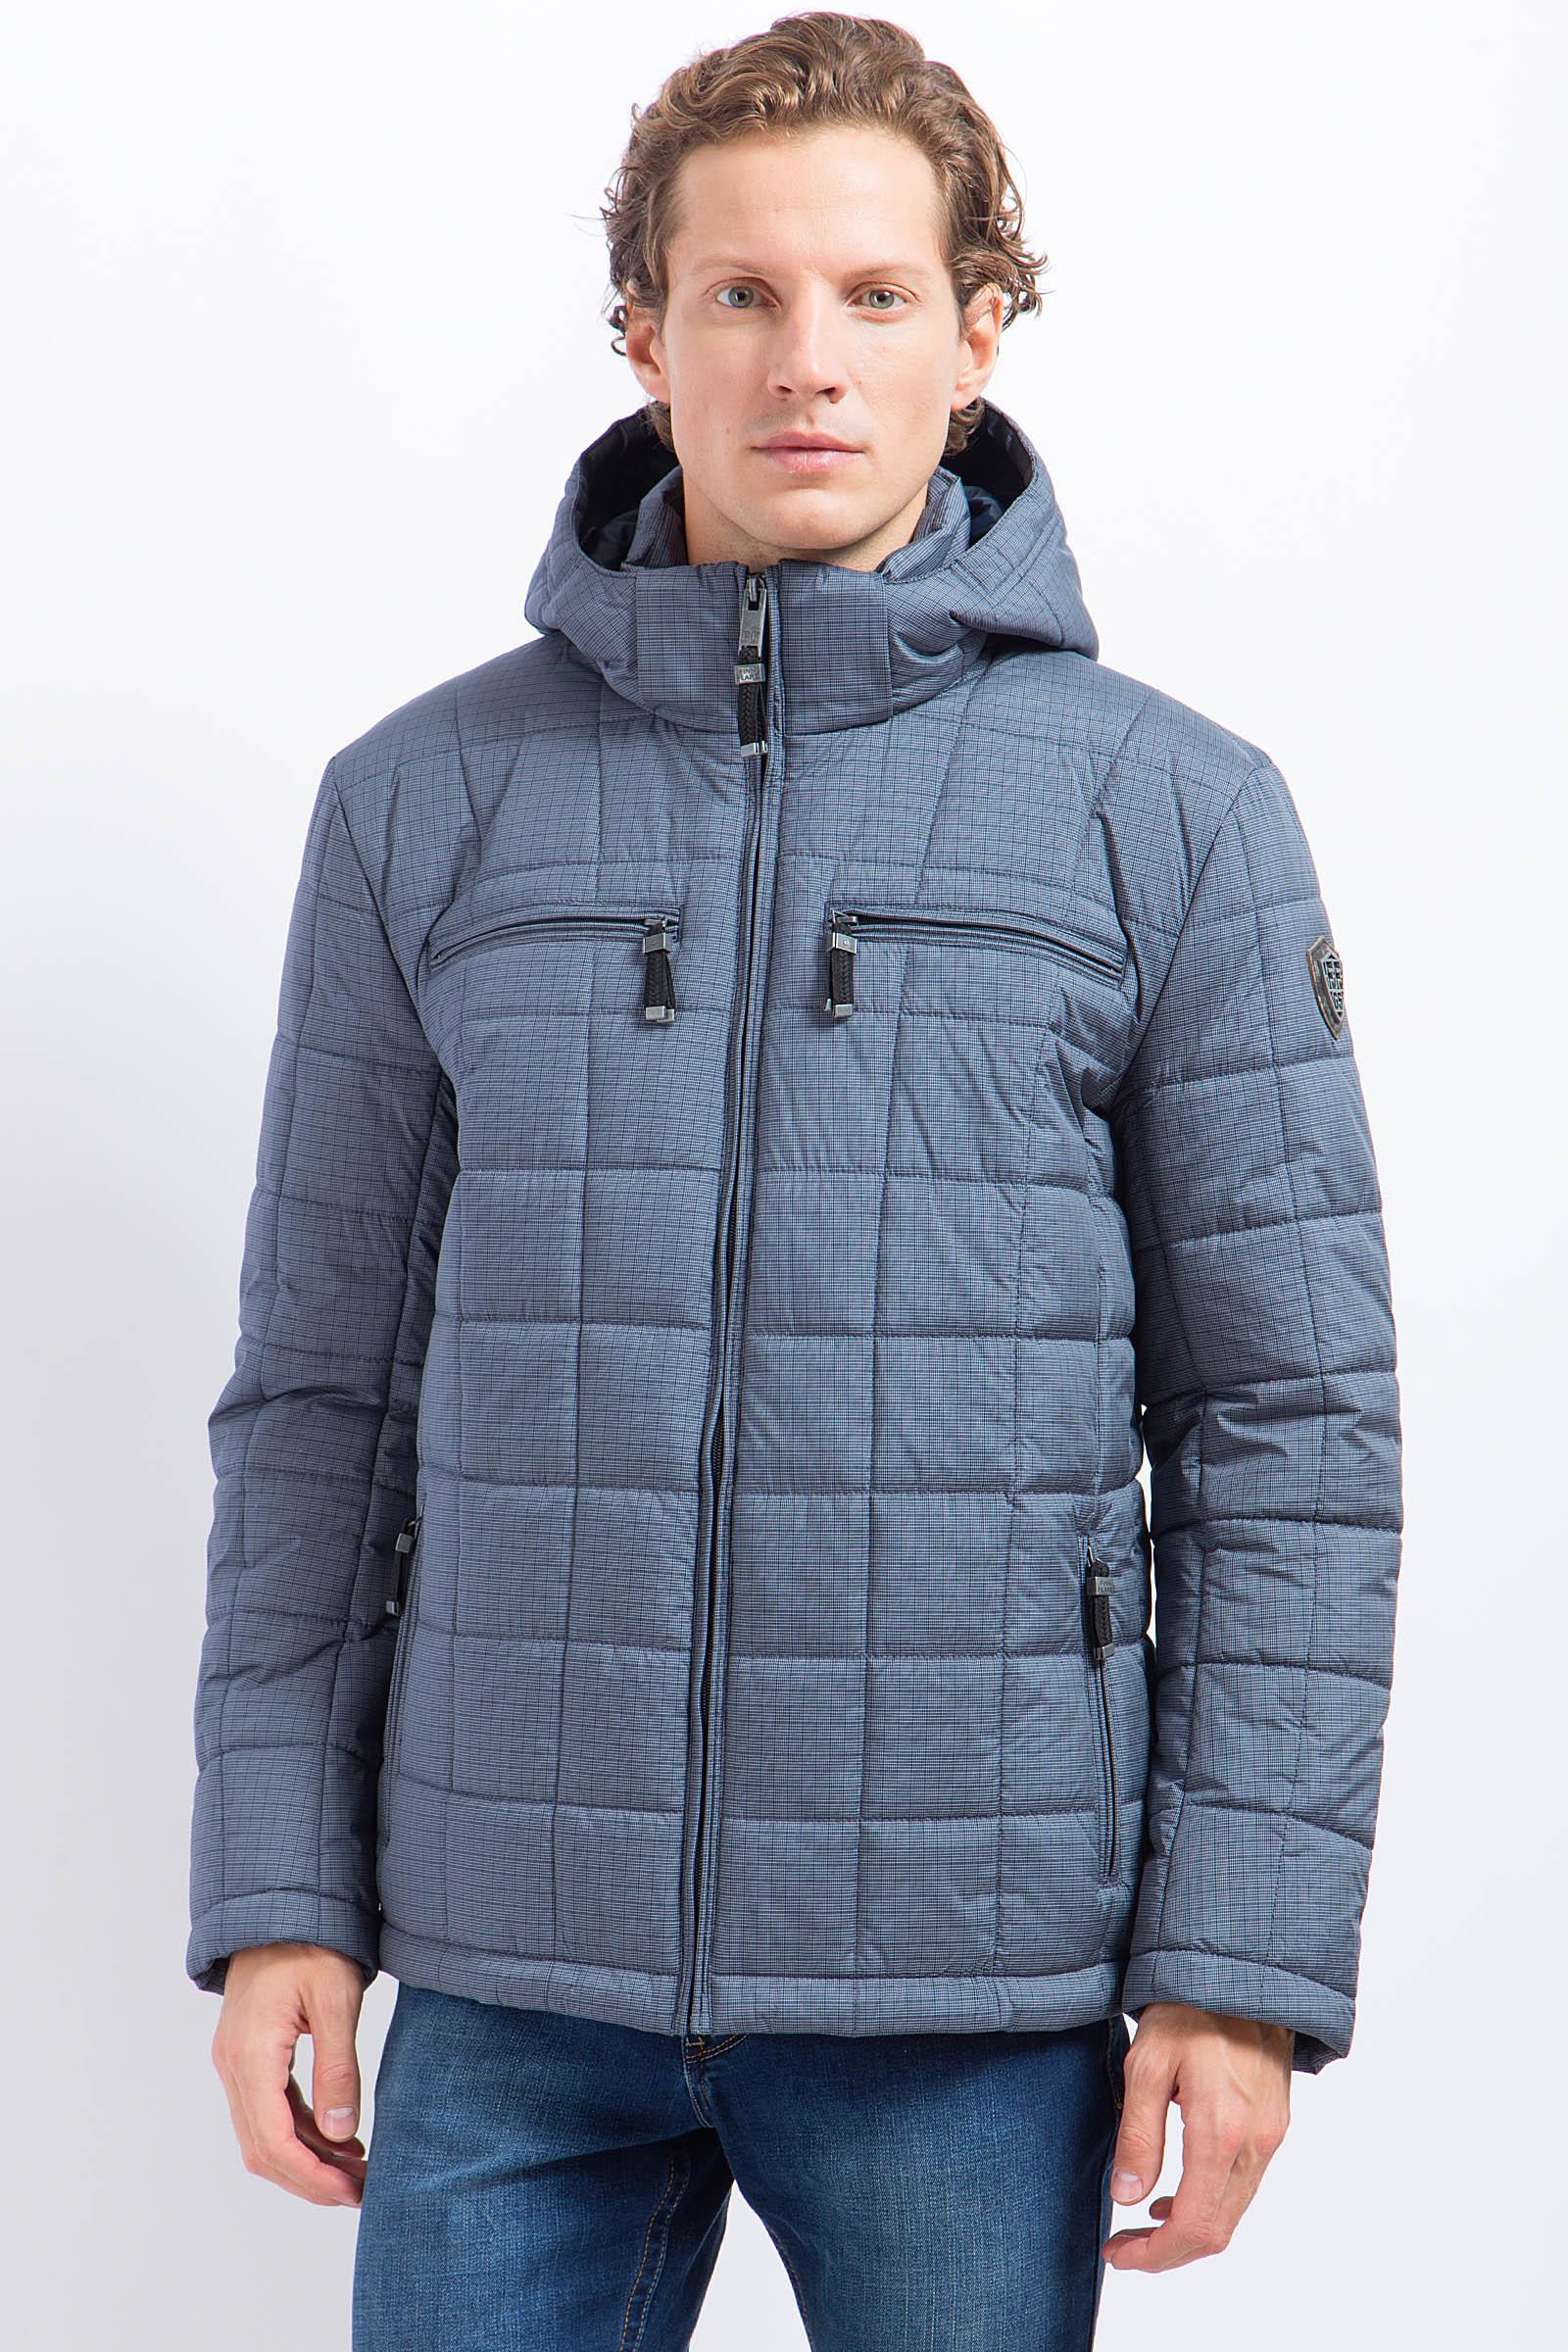 Мужская куртка из текстиля с капюшоном, без отделки